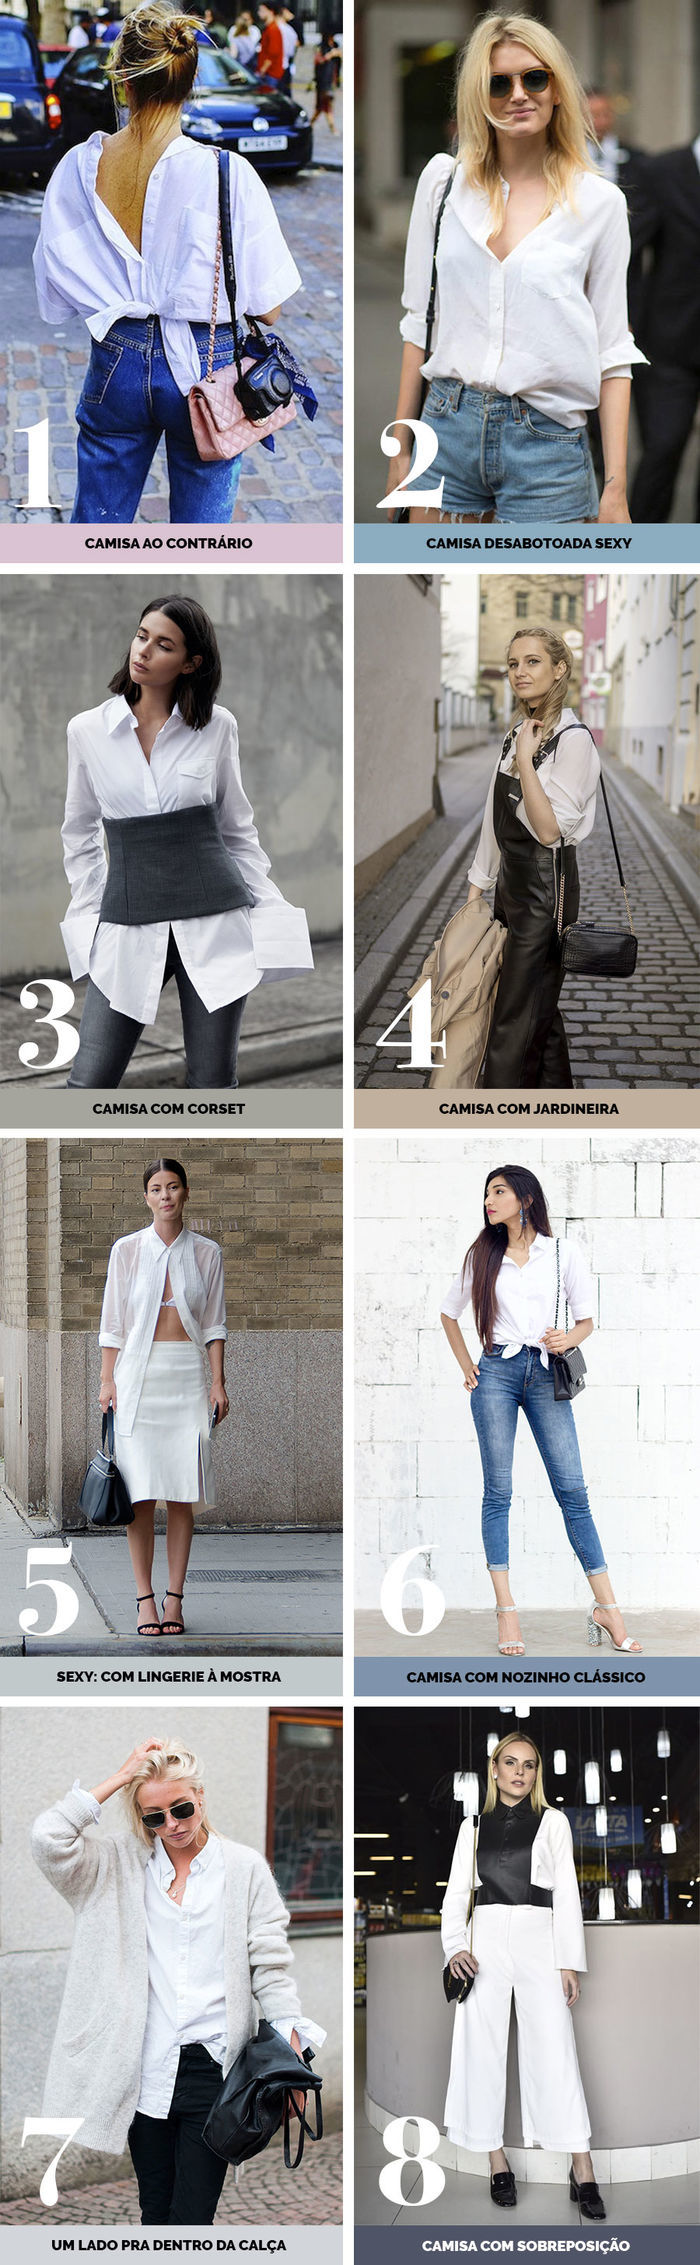 Layla Monteiro dicas de como usar camisa branca jeito diferente com jeans sobreposição